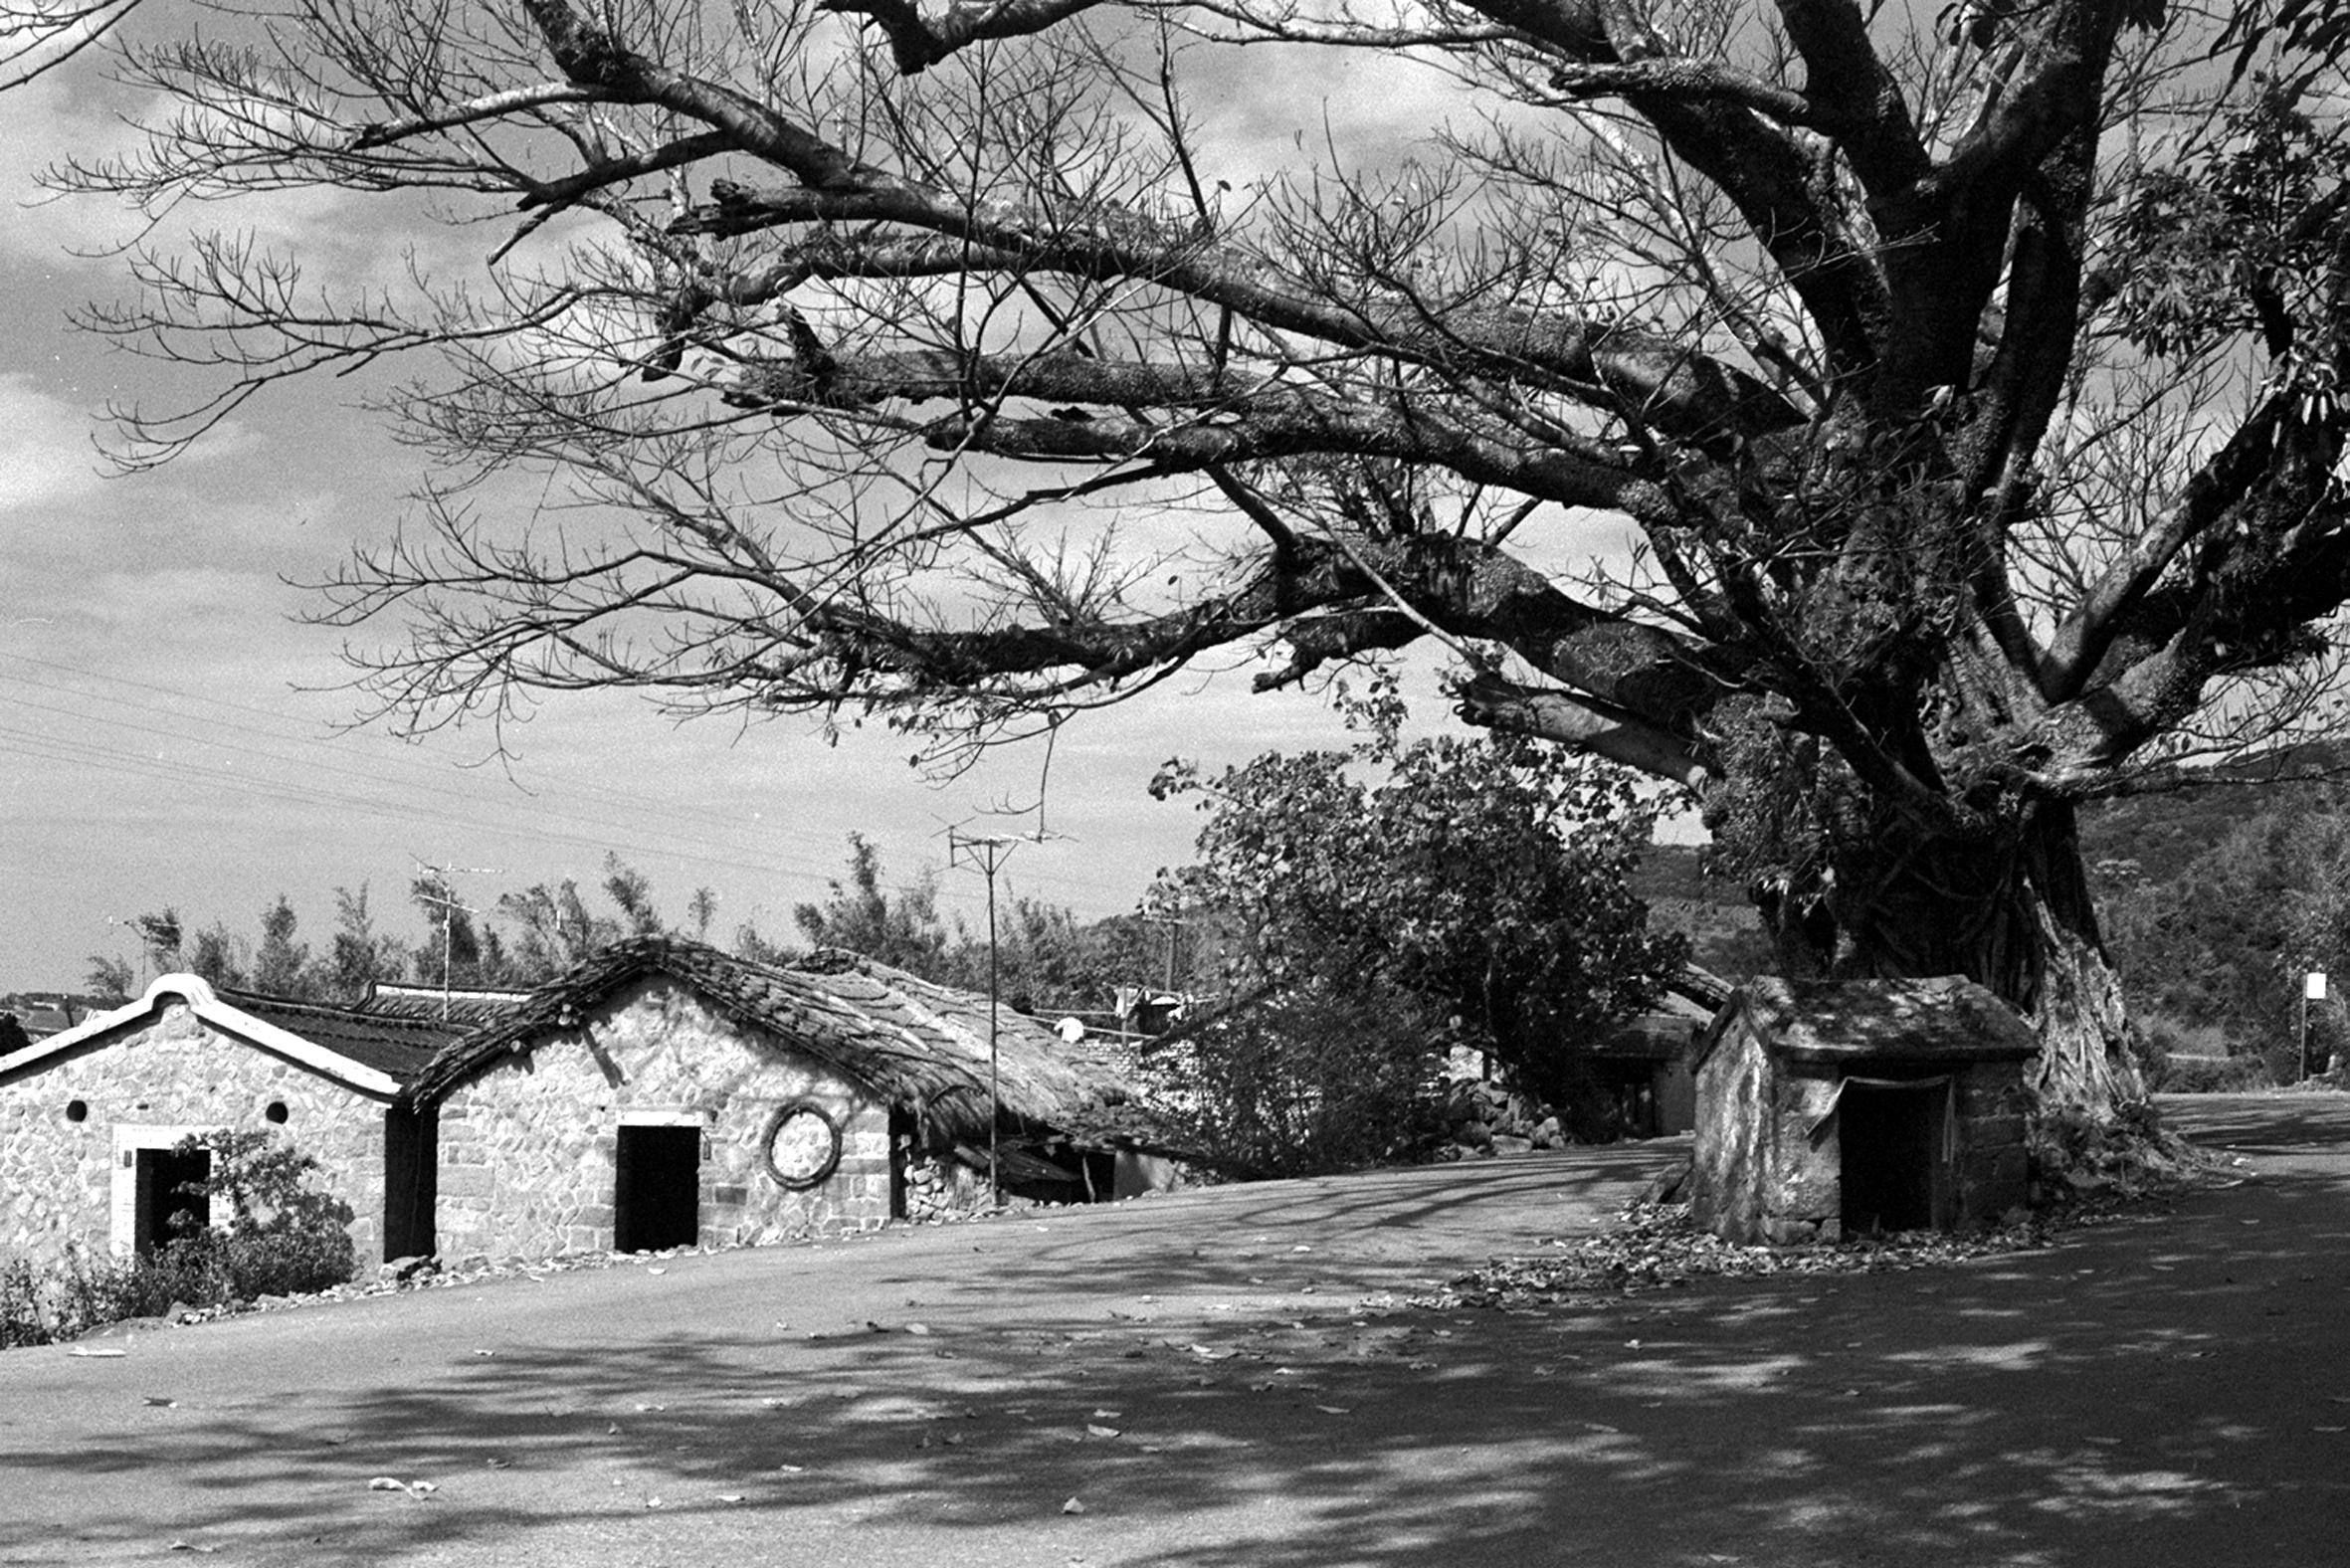 樹公庇蔭土地公 1970